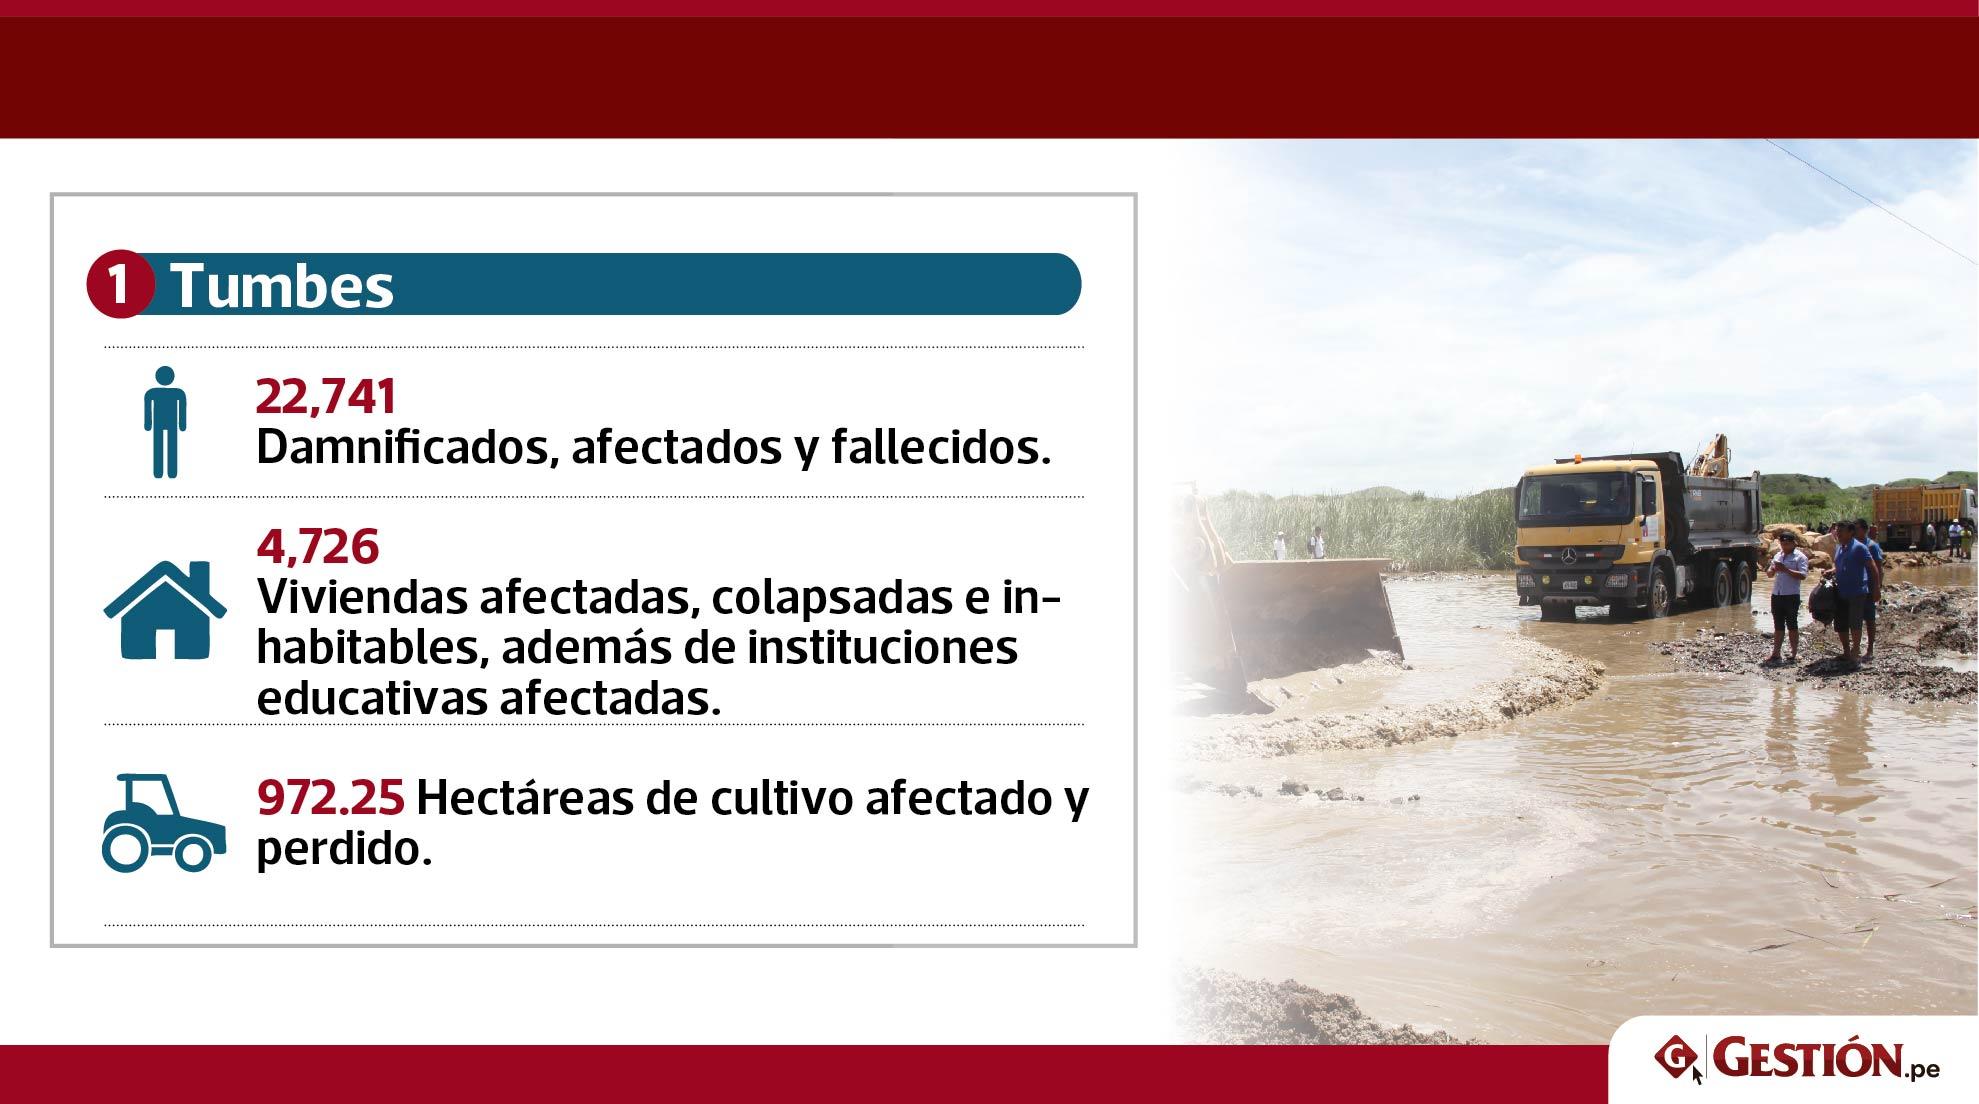 desastres naturale, desastres, huaicos, lluvias, daños por desastres naturales